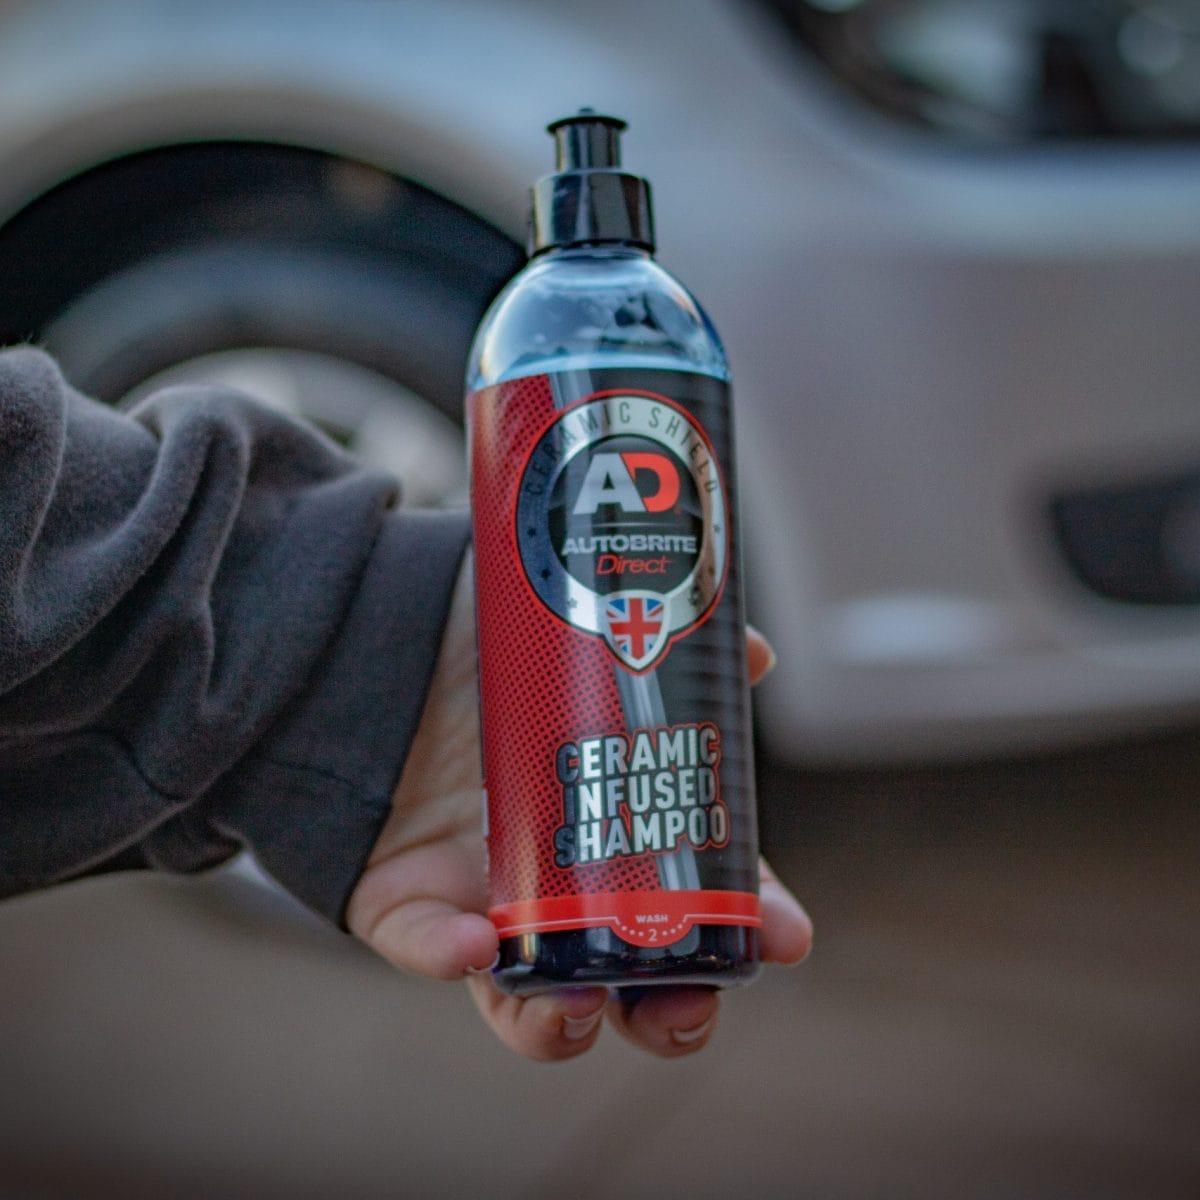 ceramic infused car shampoo bottle